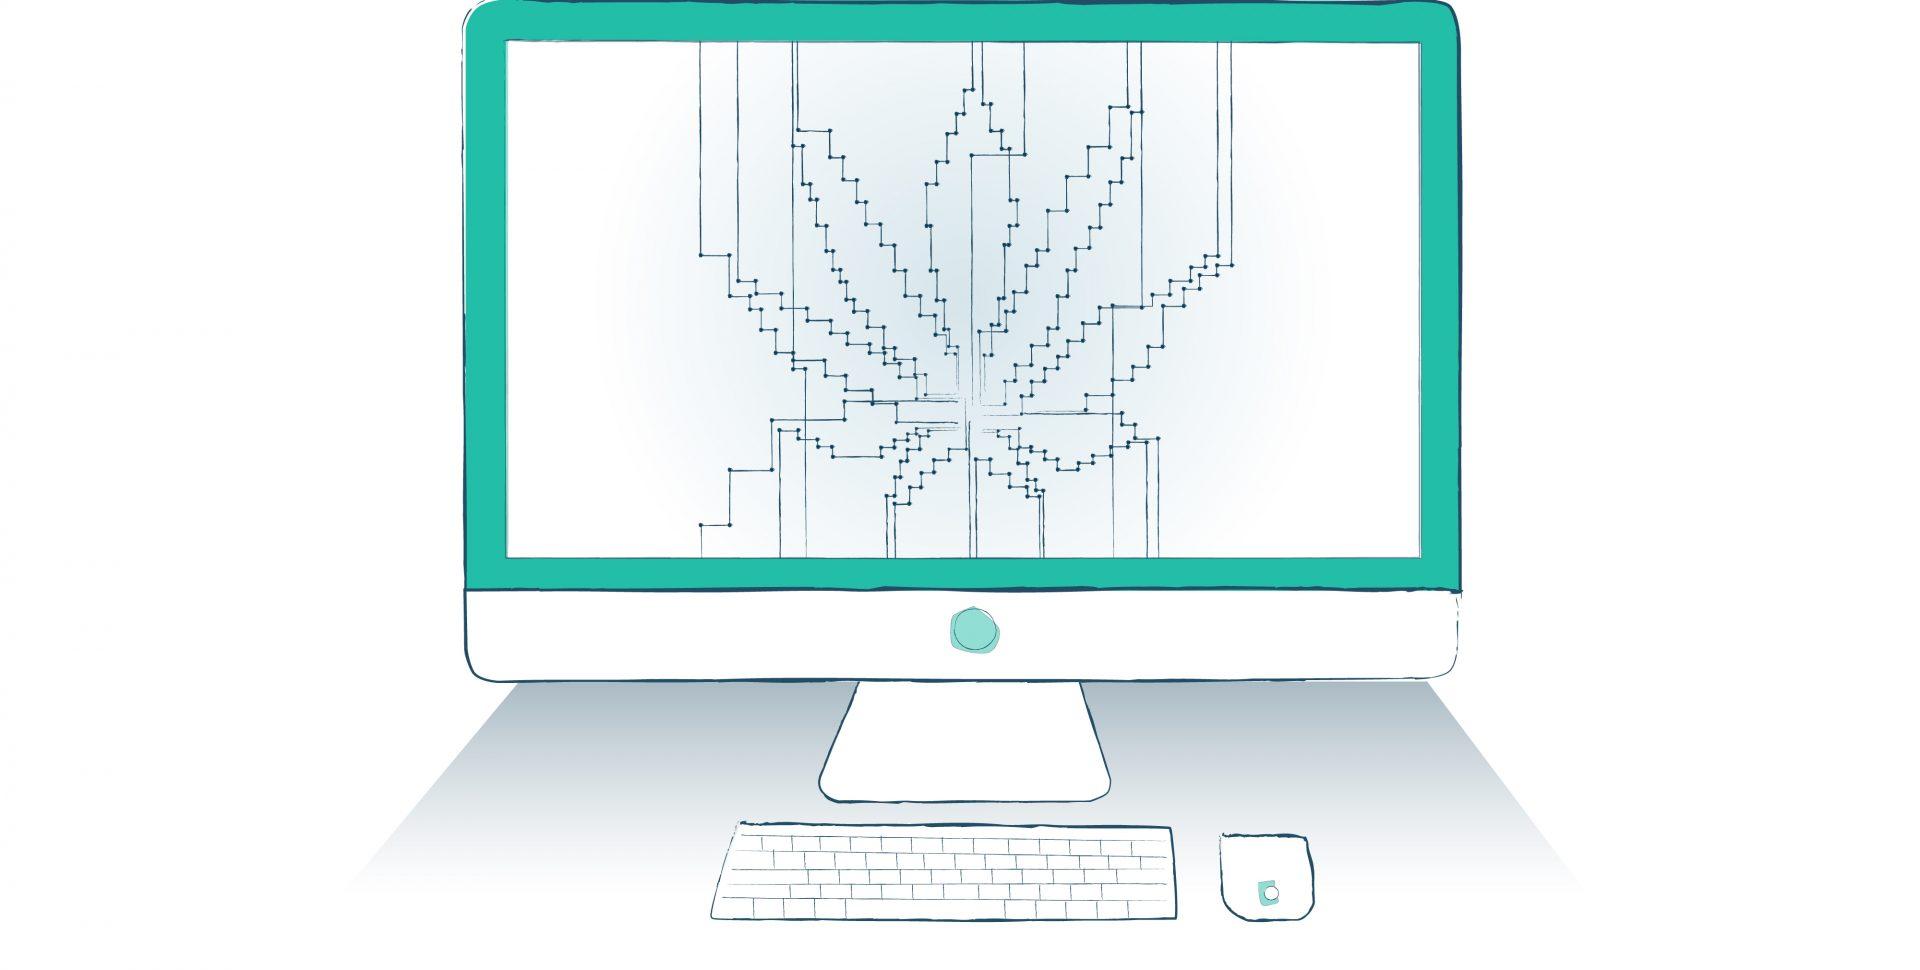 Cannabis Tecnología - Imagen por Ilona Szentivanyi. Todos los derechos reservados a El Planteo y Benzinga.